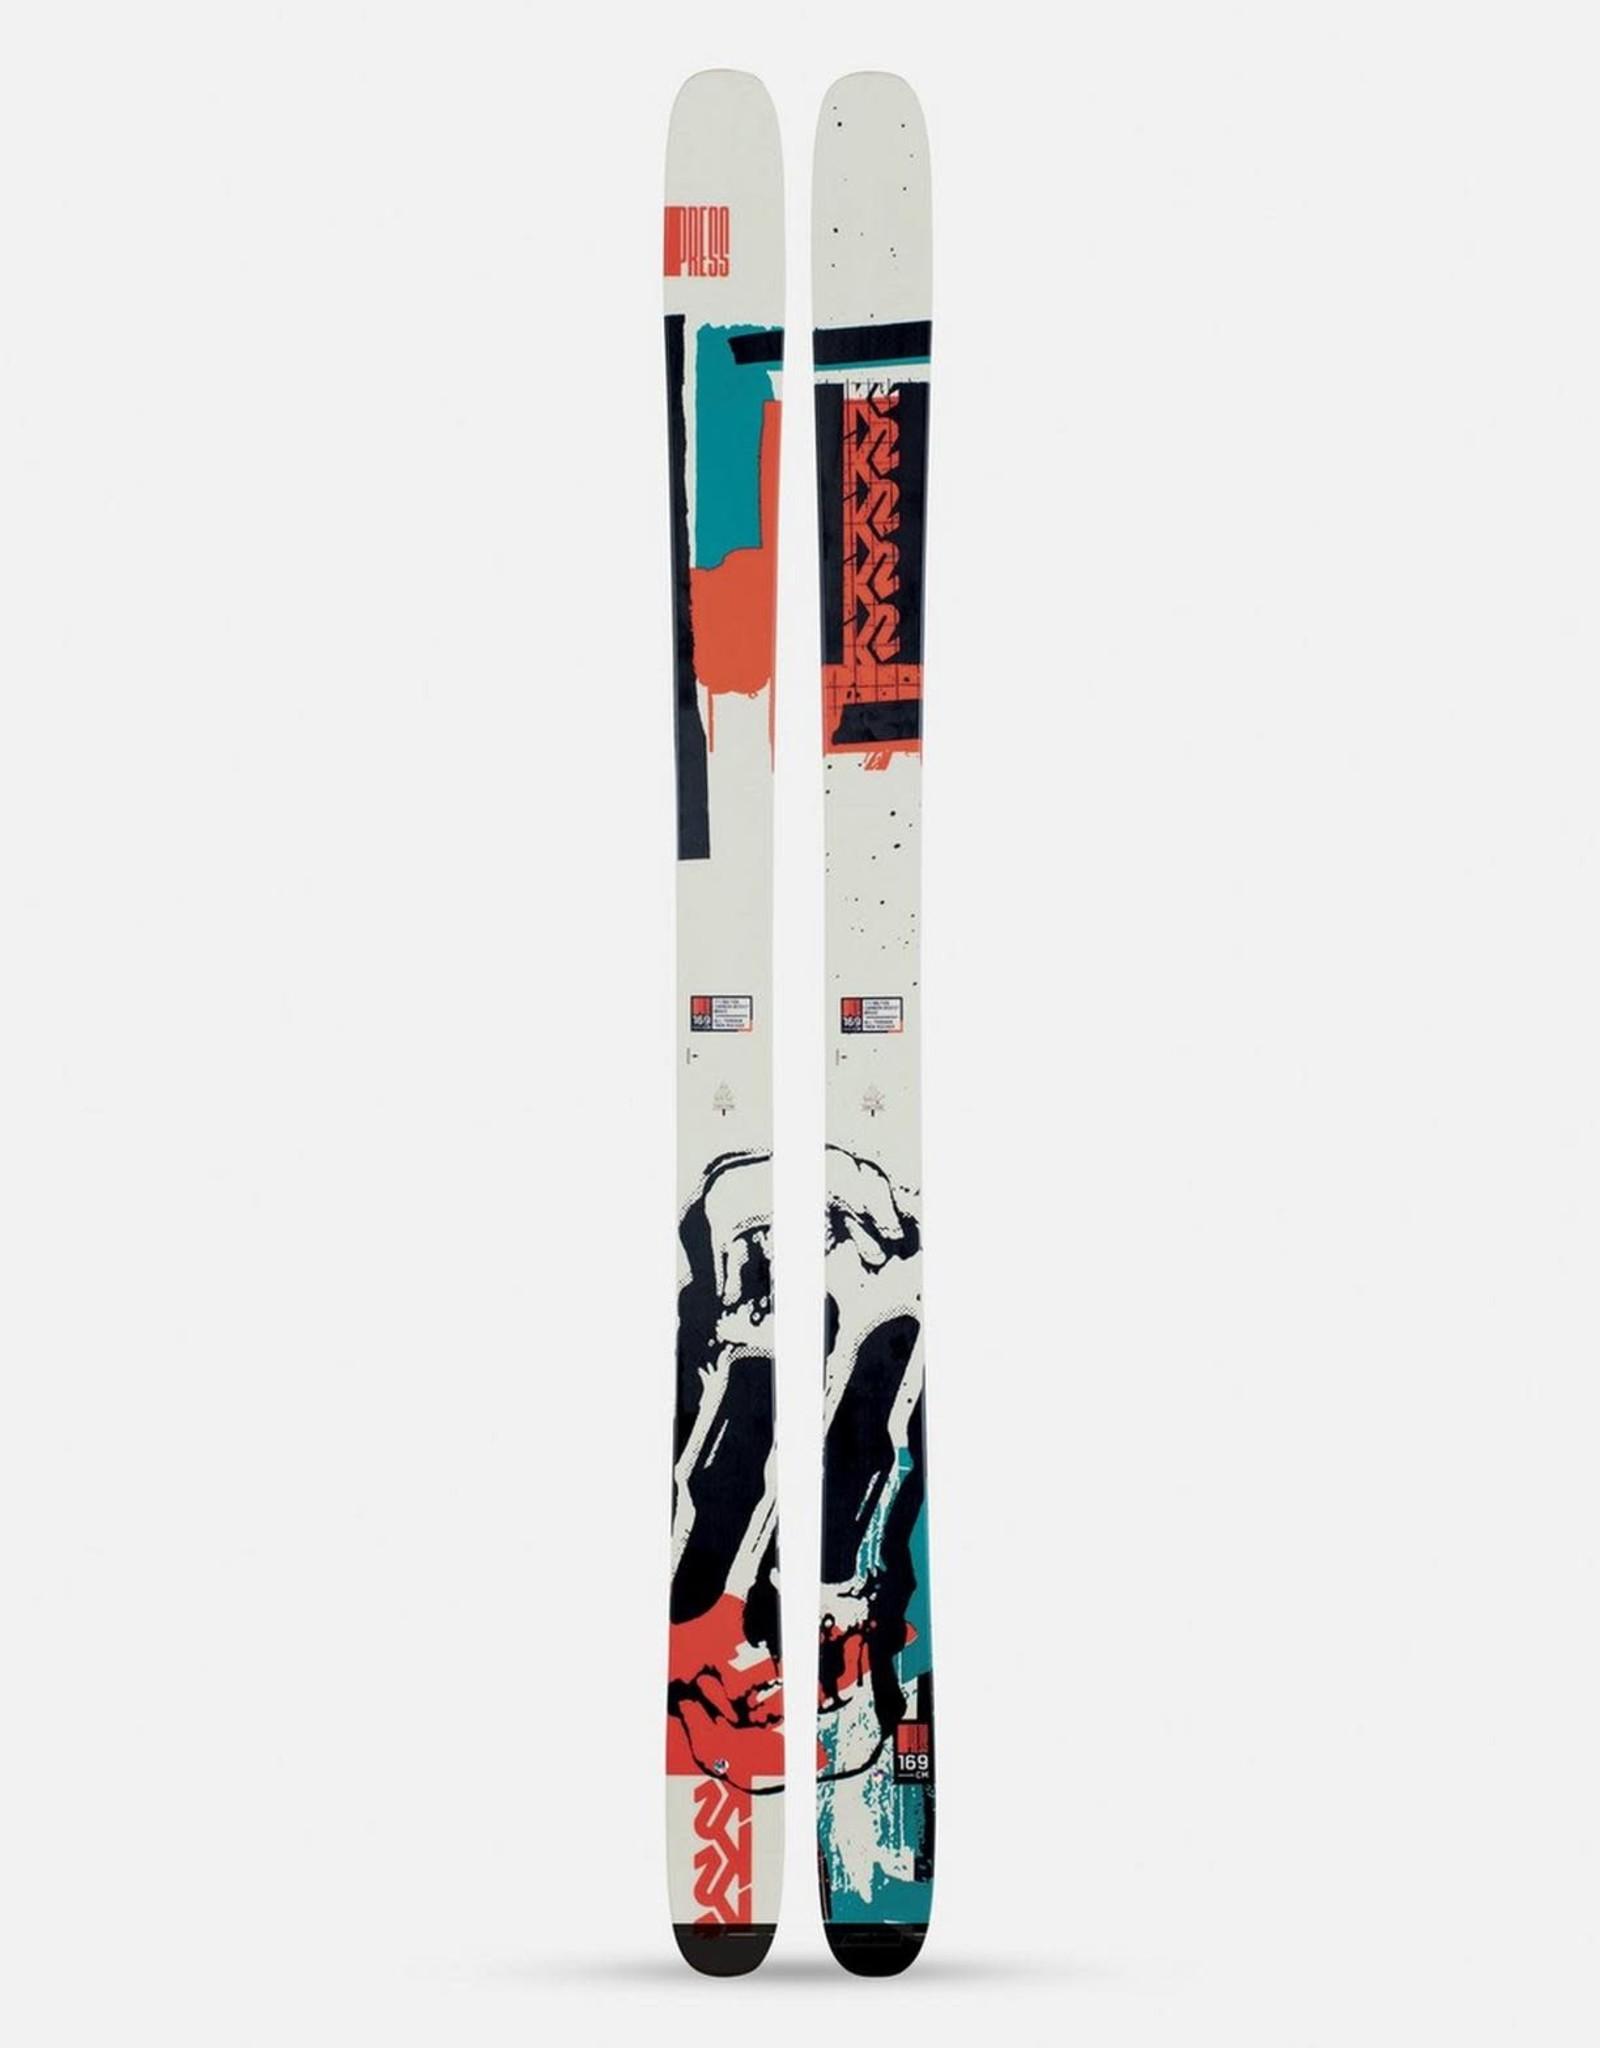 K2 K2 Skis PRESS (20/21)